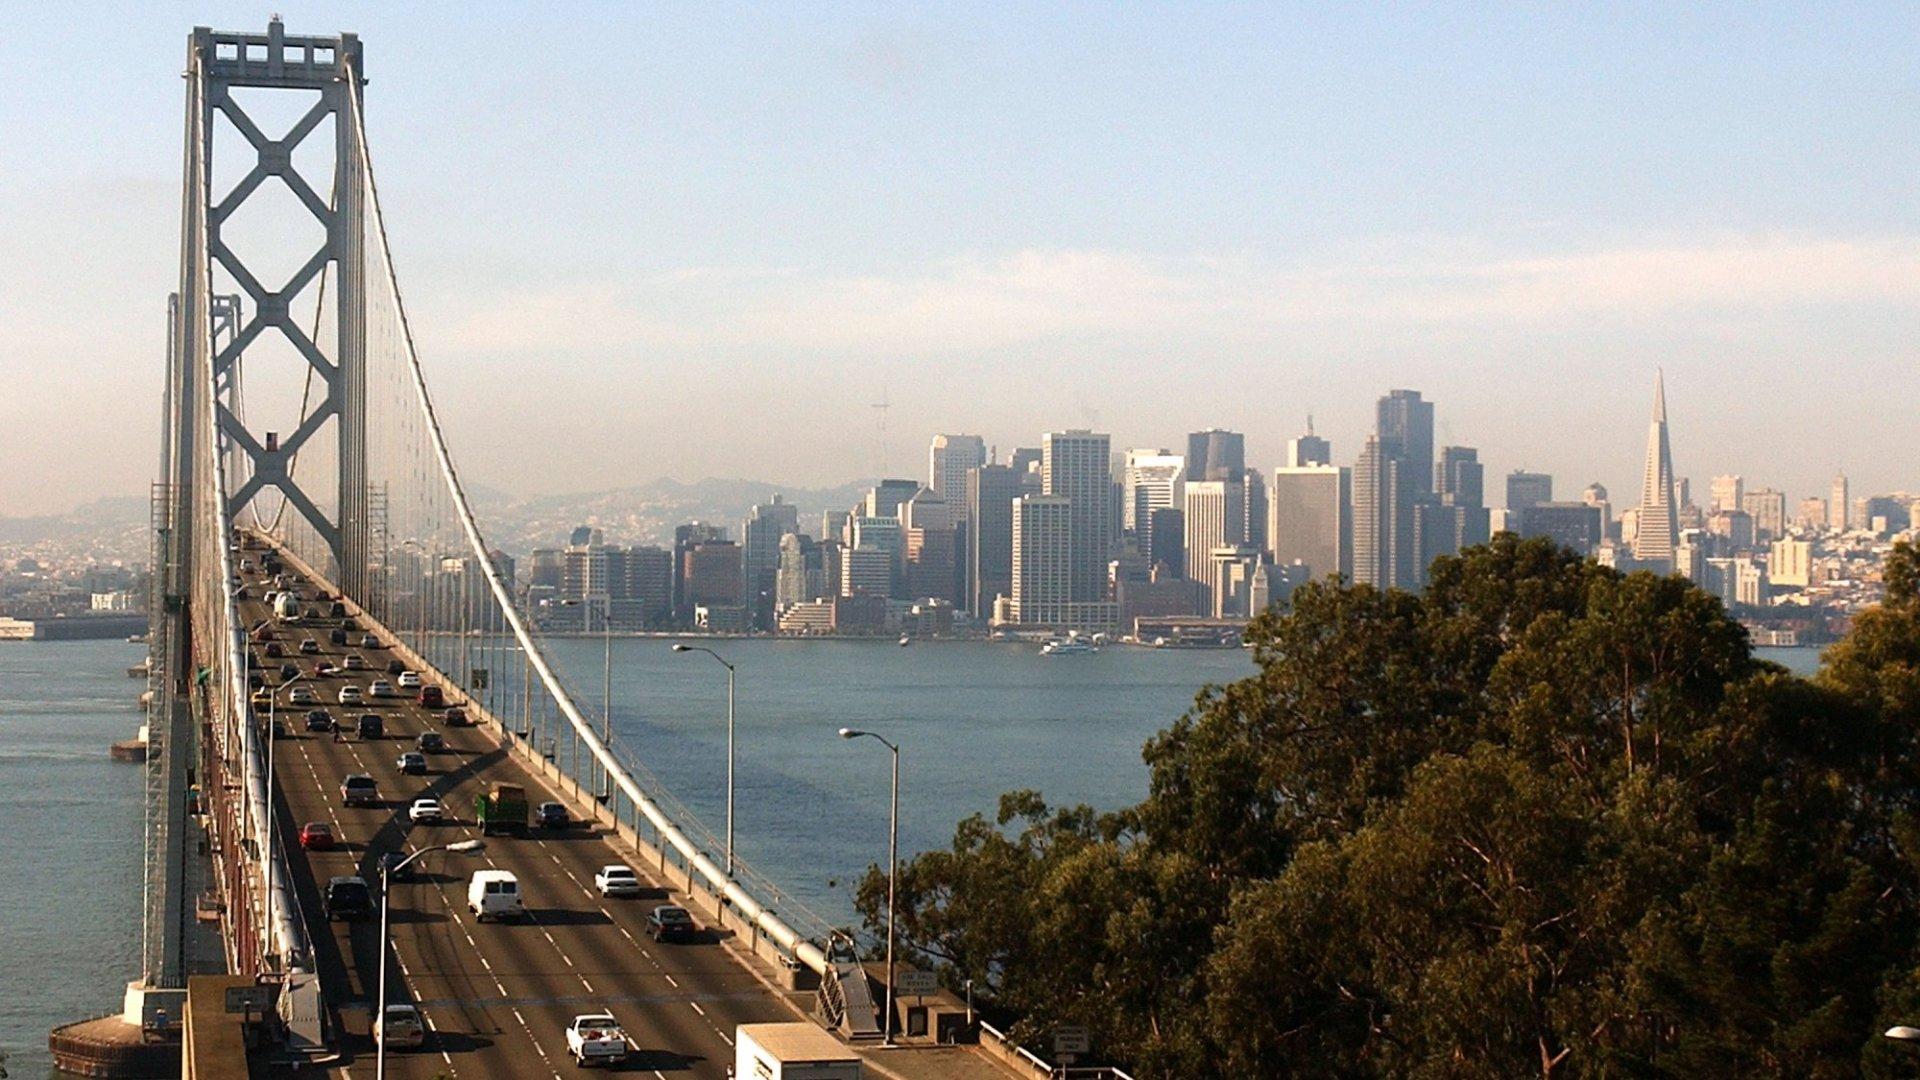 San Francisco Tech Companies Fight 'Job-Killing' Tax